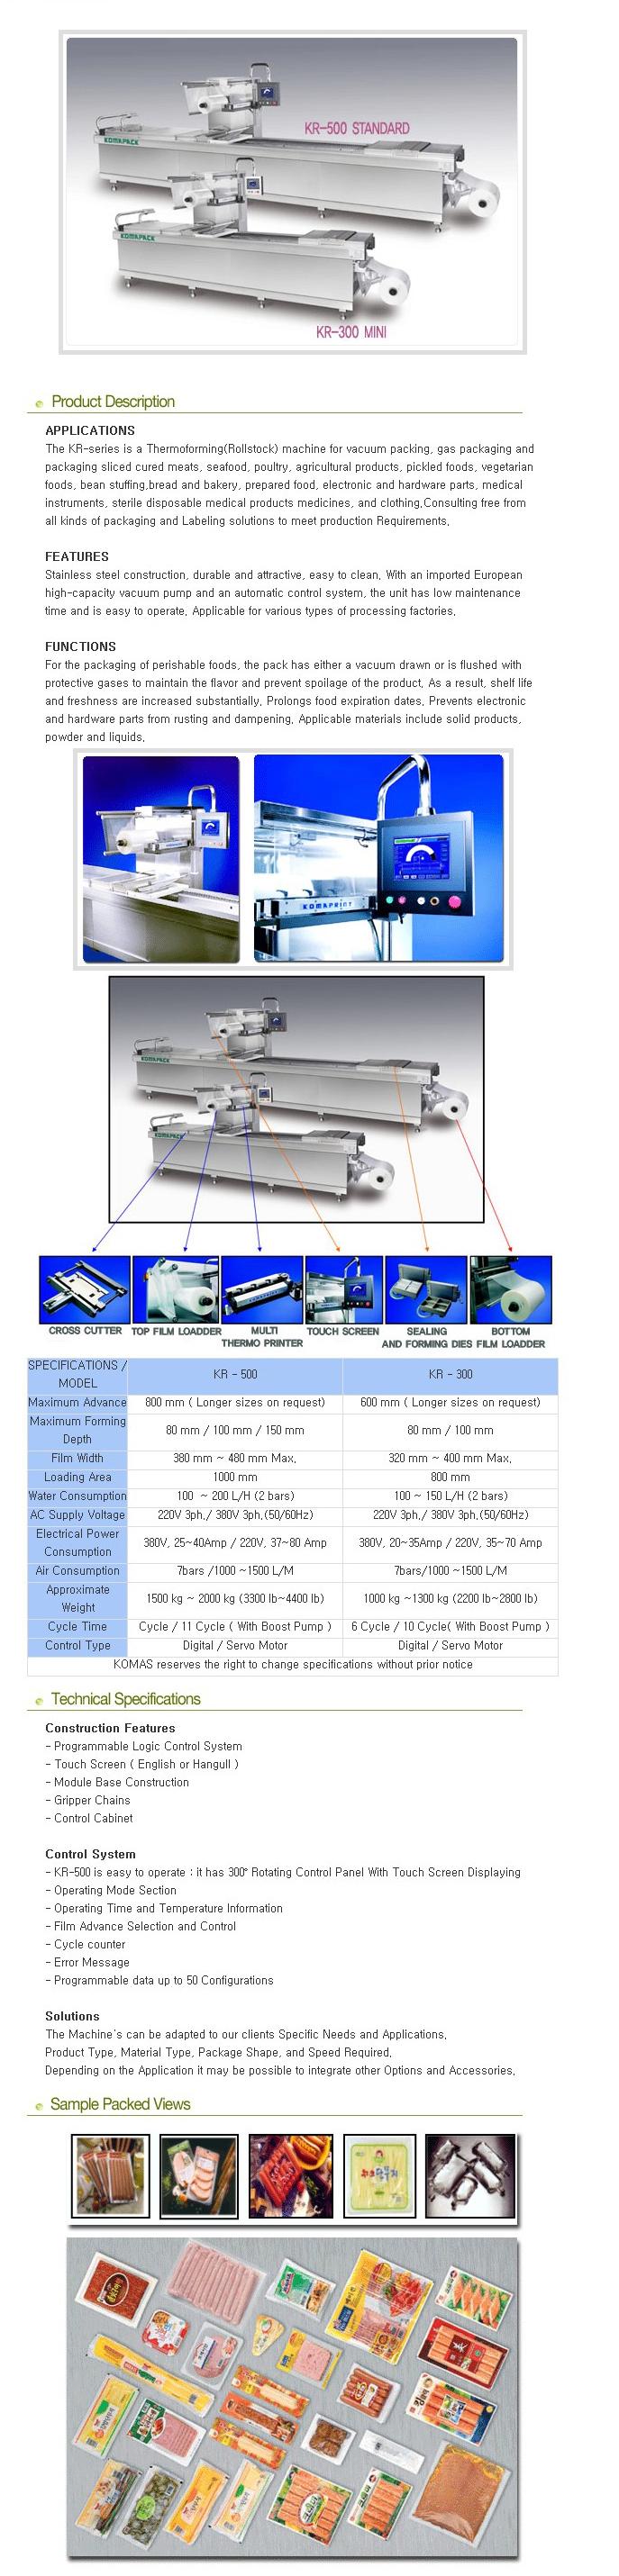 KOMAS Vacuum Packaging KR-500, KR-300